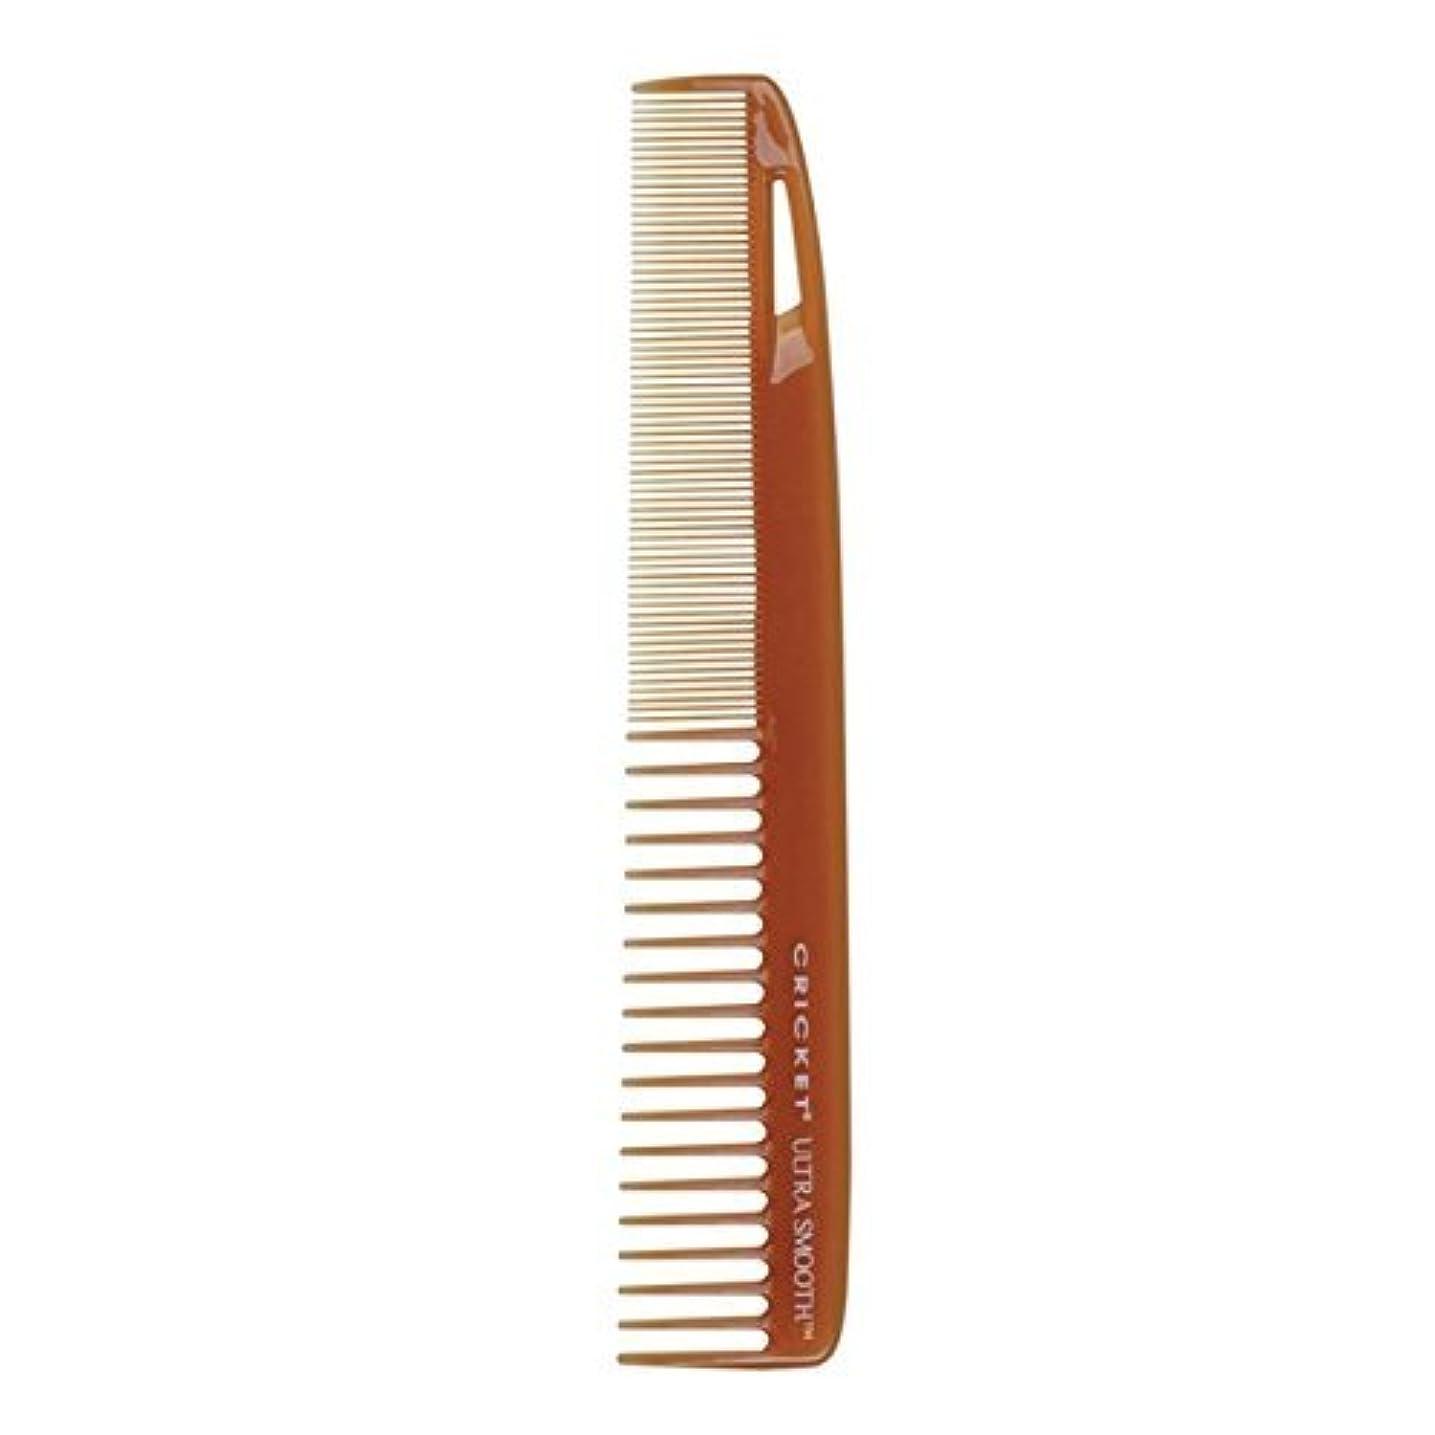 誰か準備した恵みCricket Ultra Smooth All Purpose Comb 20 [並行輸入品]